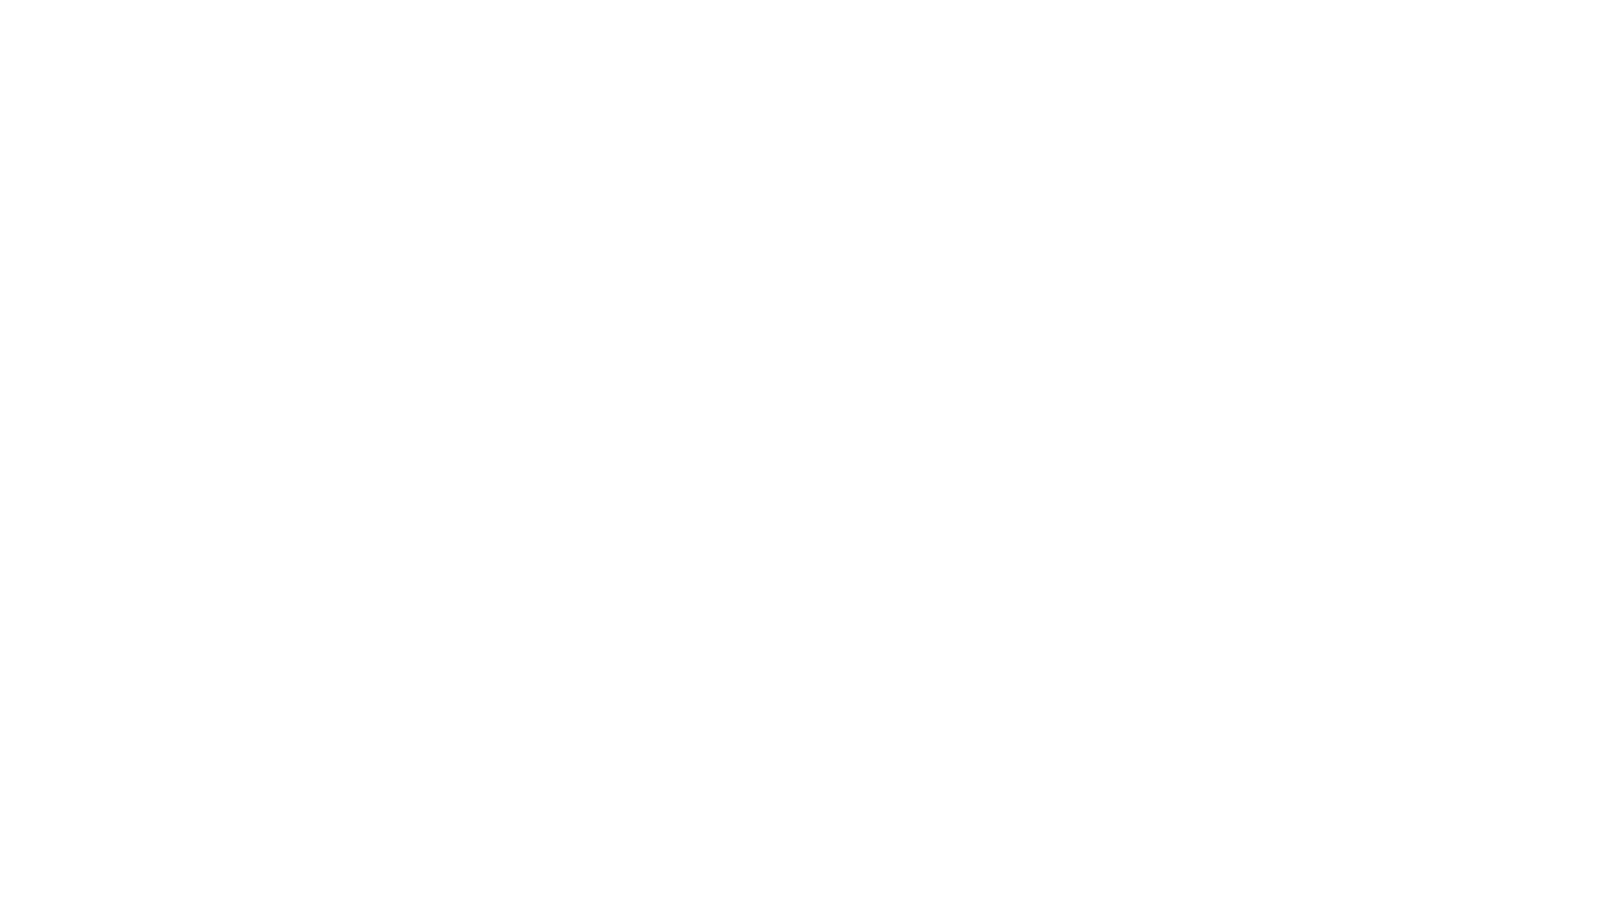 Dados do Disque 100 revelam que, só no primeiro semestre de 2020, mais de 33,6 mil casos de violações de direitos humanos foram registrados contra o idoso no Brasil.Em 15 de junho é celebrado o Dia Mundial de Conscientização da Violência Contra a Pessoa Idosa, conforme declarado pela Organização das Nações Unidas (ONU) e a Rede Internacional de Prevenção à Violência à Pessoa Idosa no ano 2006.Nós da Rede Cidadã, trabalhamos juntos na conscientização e na ampliação do diálogo para todos os nossos usuários. E não poderia ser diferente com esse tema tão importante. Vamos reunir nossos aprendizes, empresas parceiras, usuários, equipe, programas e projetos Socioassistenciais para uma roda de conversa.